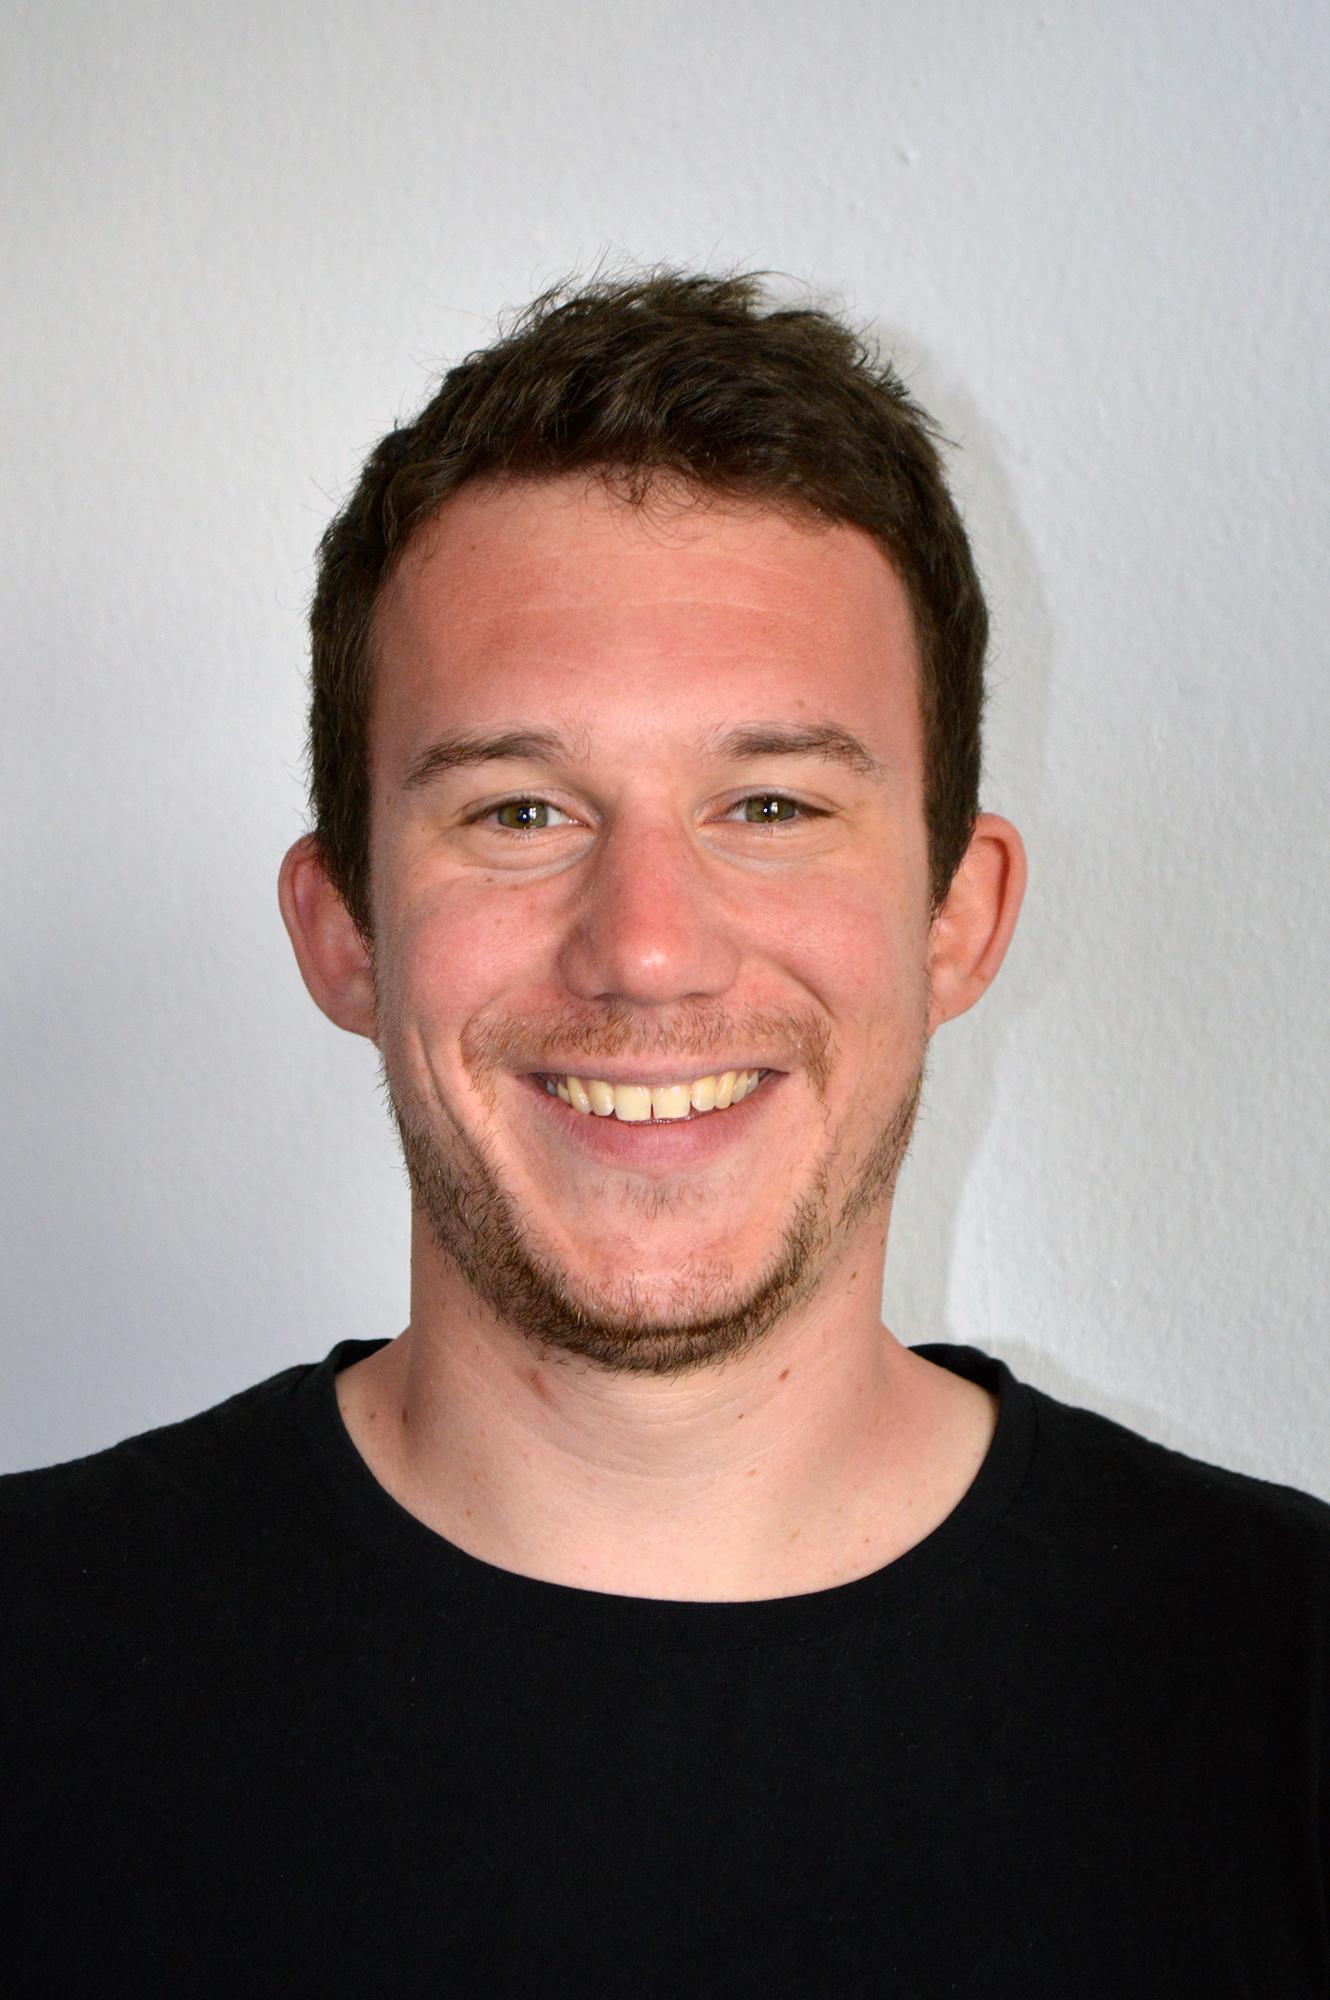 Alexander Groos vom Geographischen Institut der Universität Bern hat im Rahmen seiner Dissertation die Klima- und Landschaftsgeschichte der Bale Mountains untersucht. Bild: zvg.